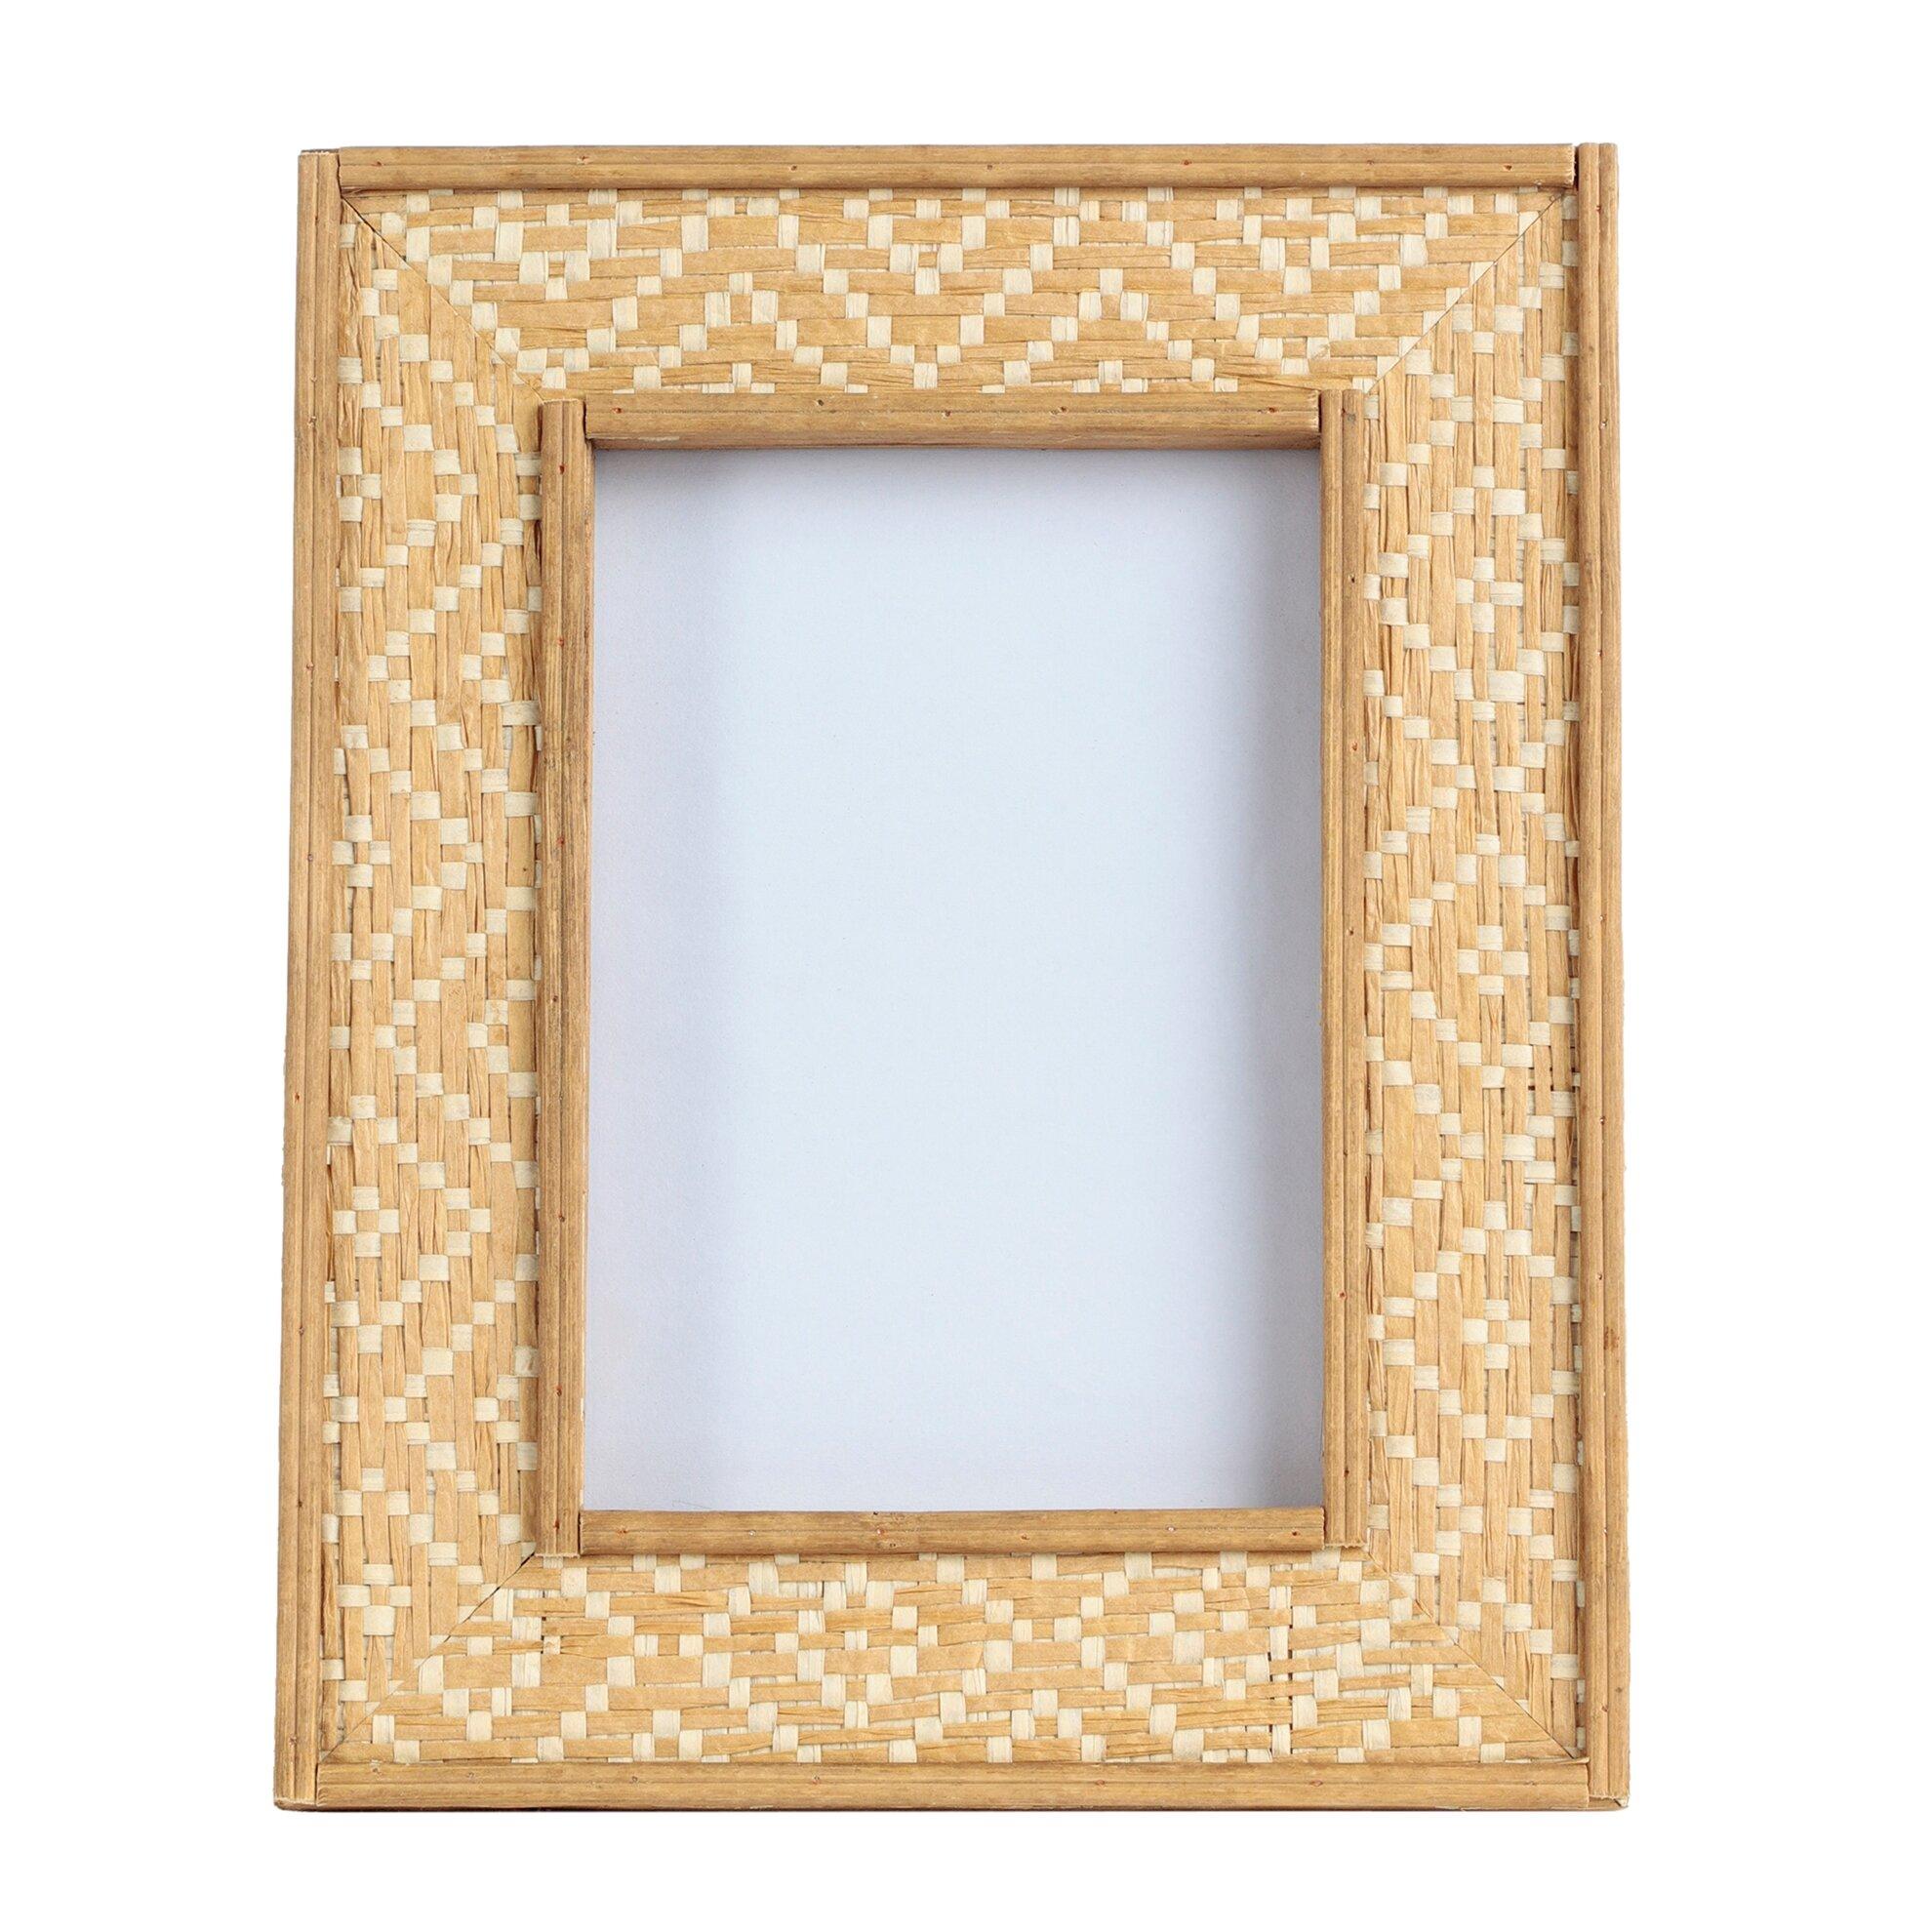 Resim Çerçevesi (2,5x12x20,5cm)